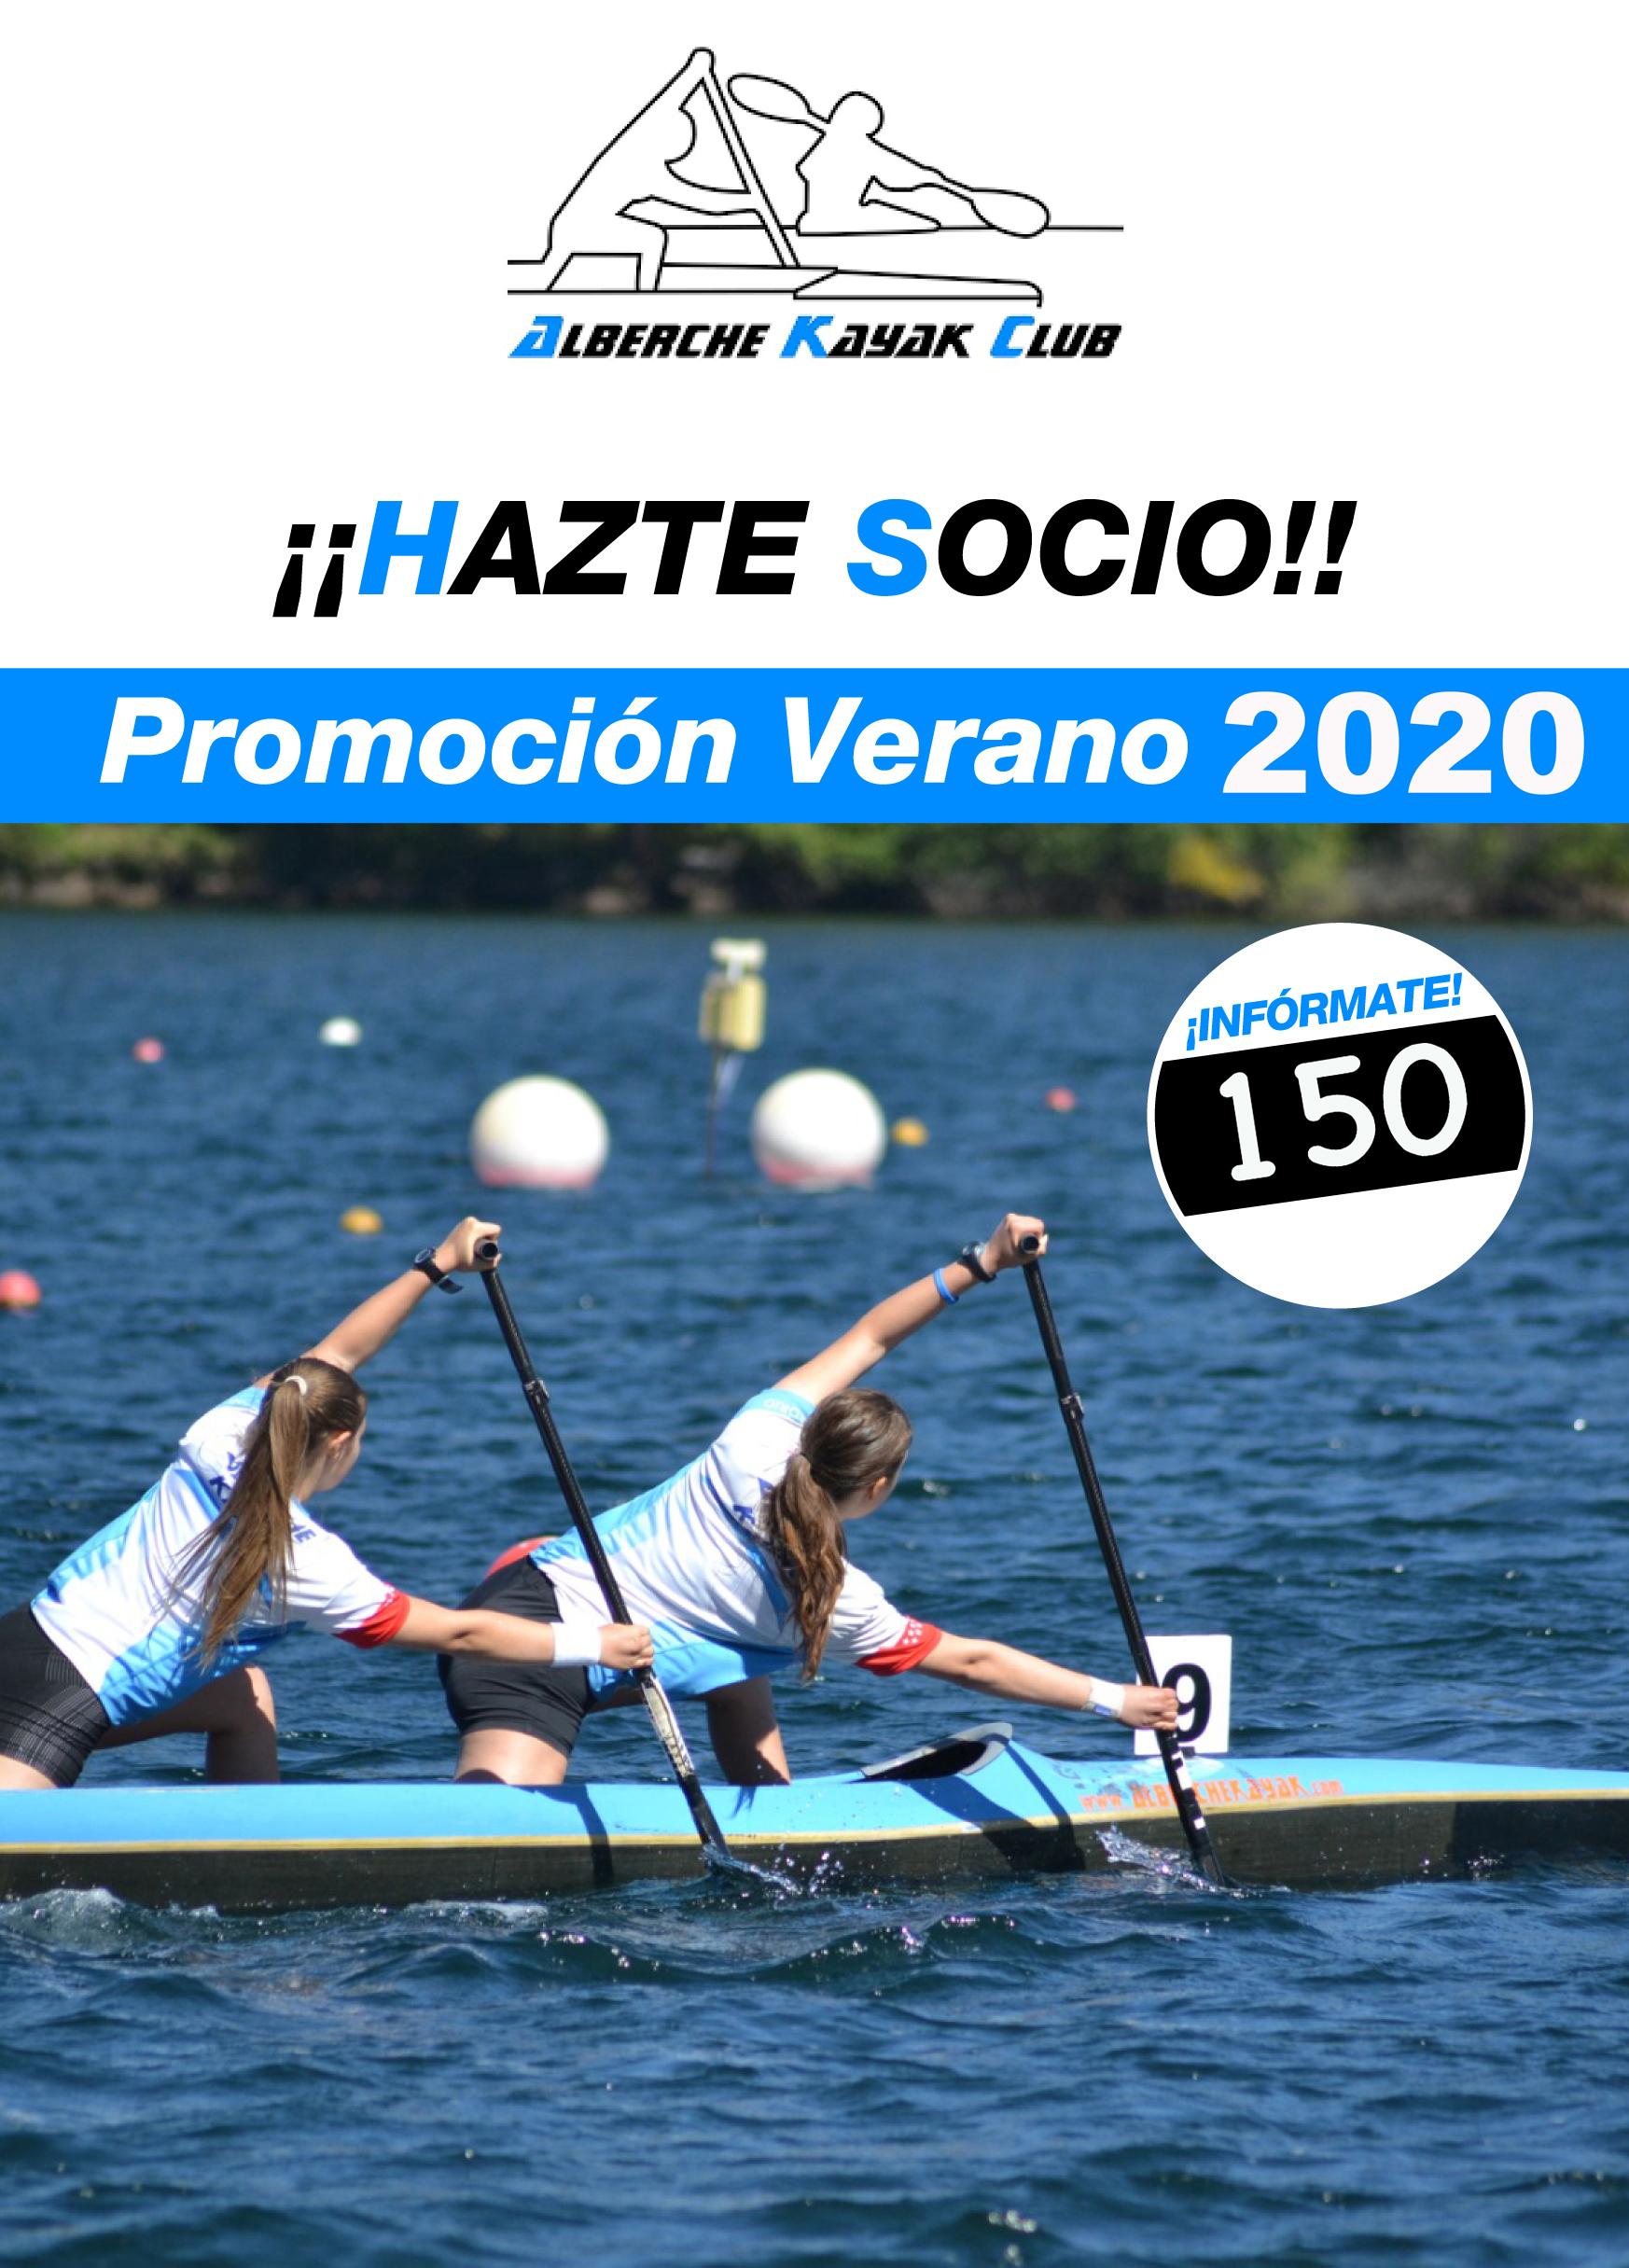 Promoción Verano 2020